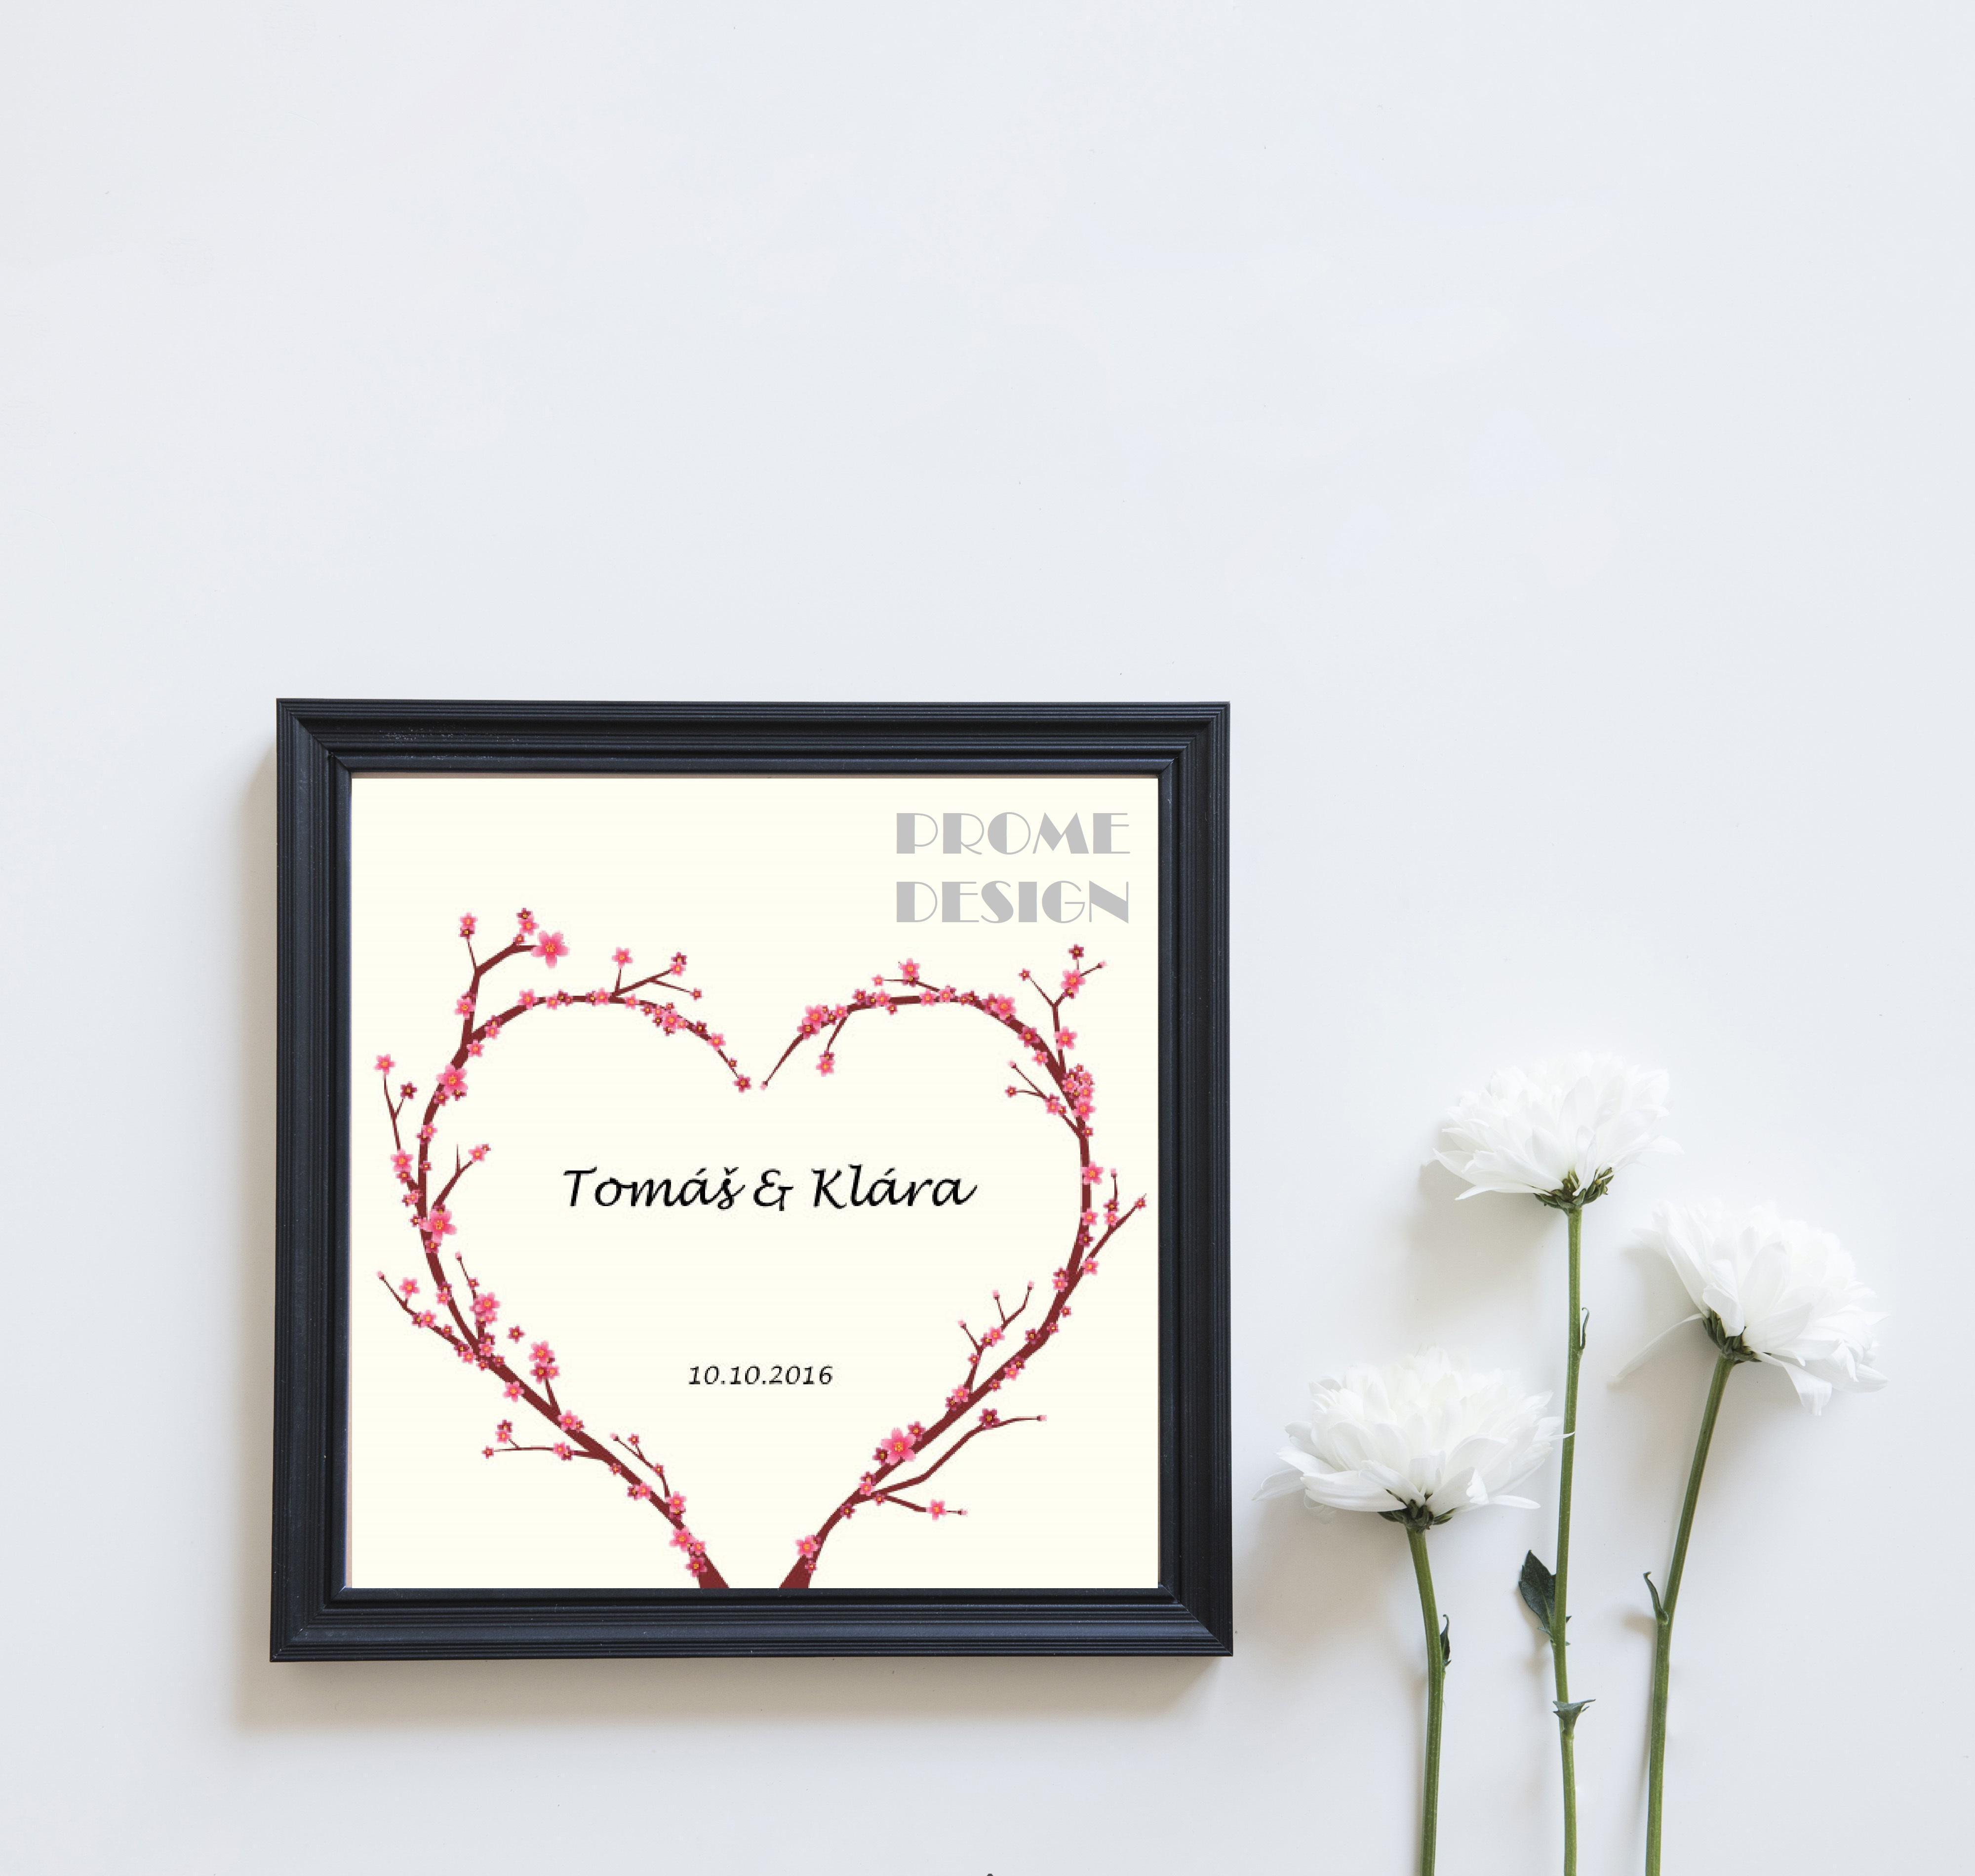 S Udaji O Svatbe Plakat S Udaji Svatba Vyroci Strom